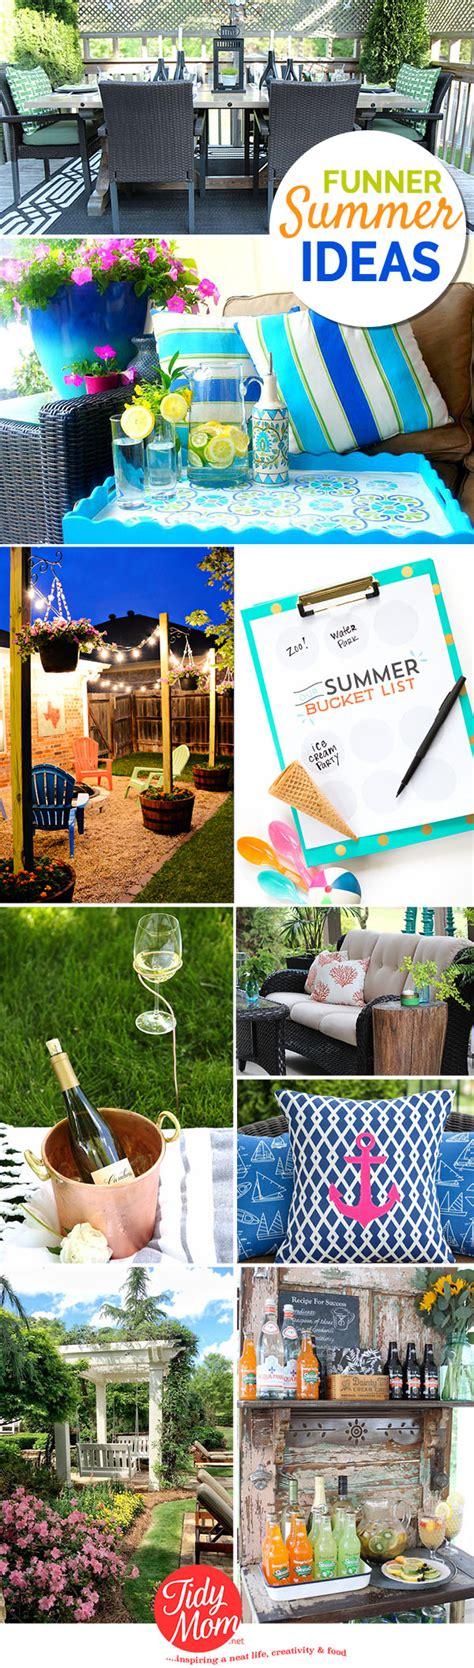 diys for summer summer diys funner ideas tidymom